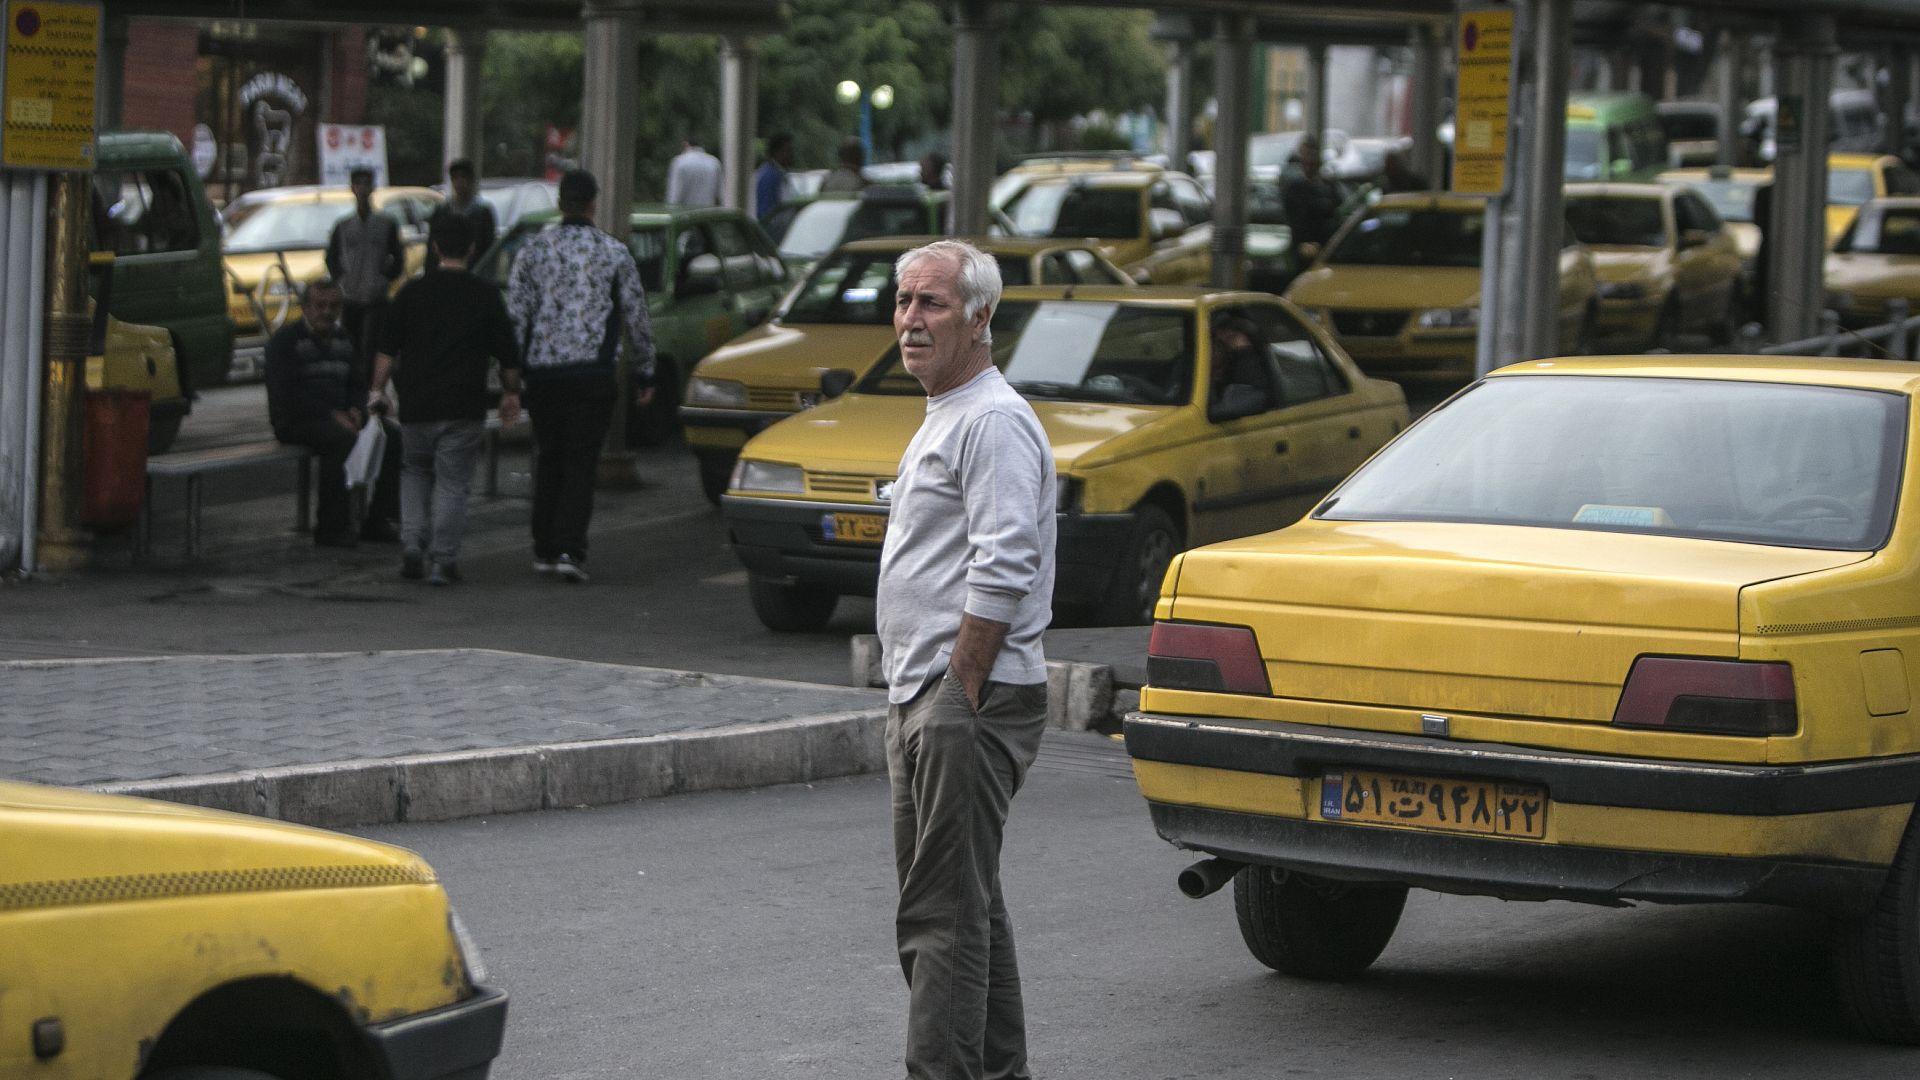 САЩ ще облекчат санкциите срещу Иран с цел доставки на храни и лекарства